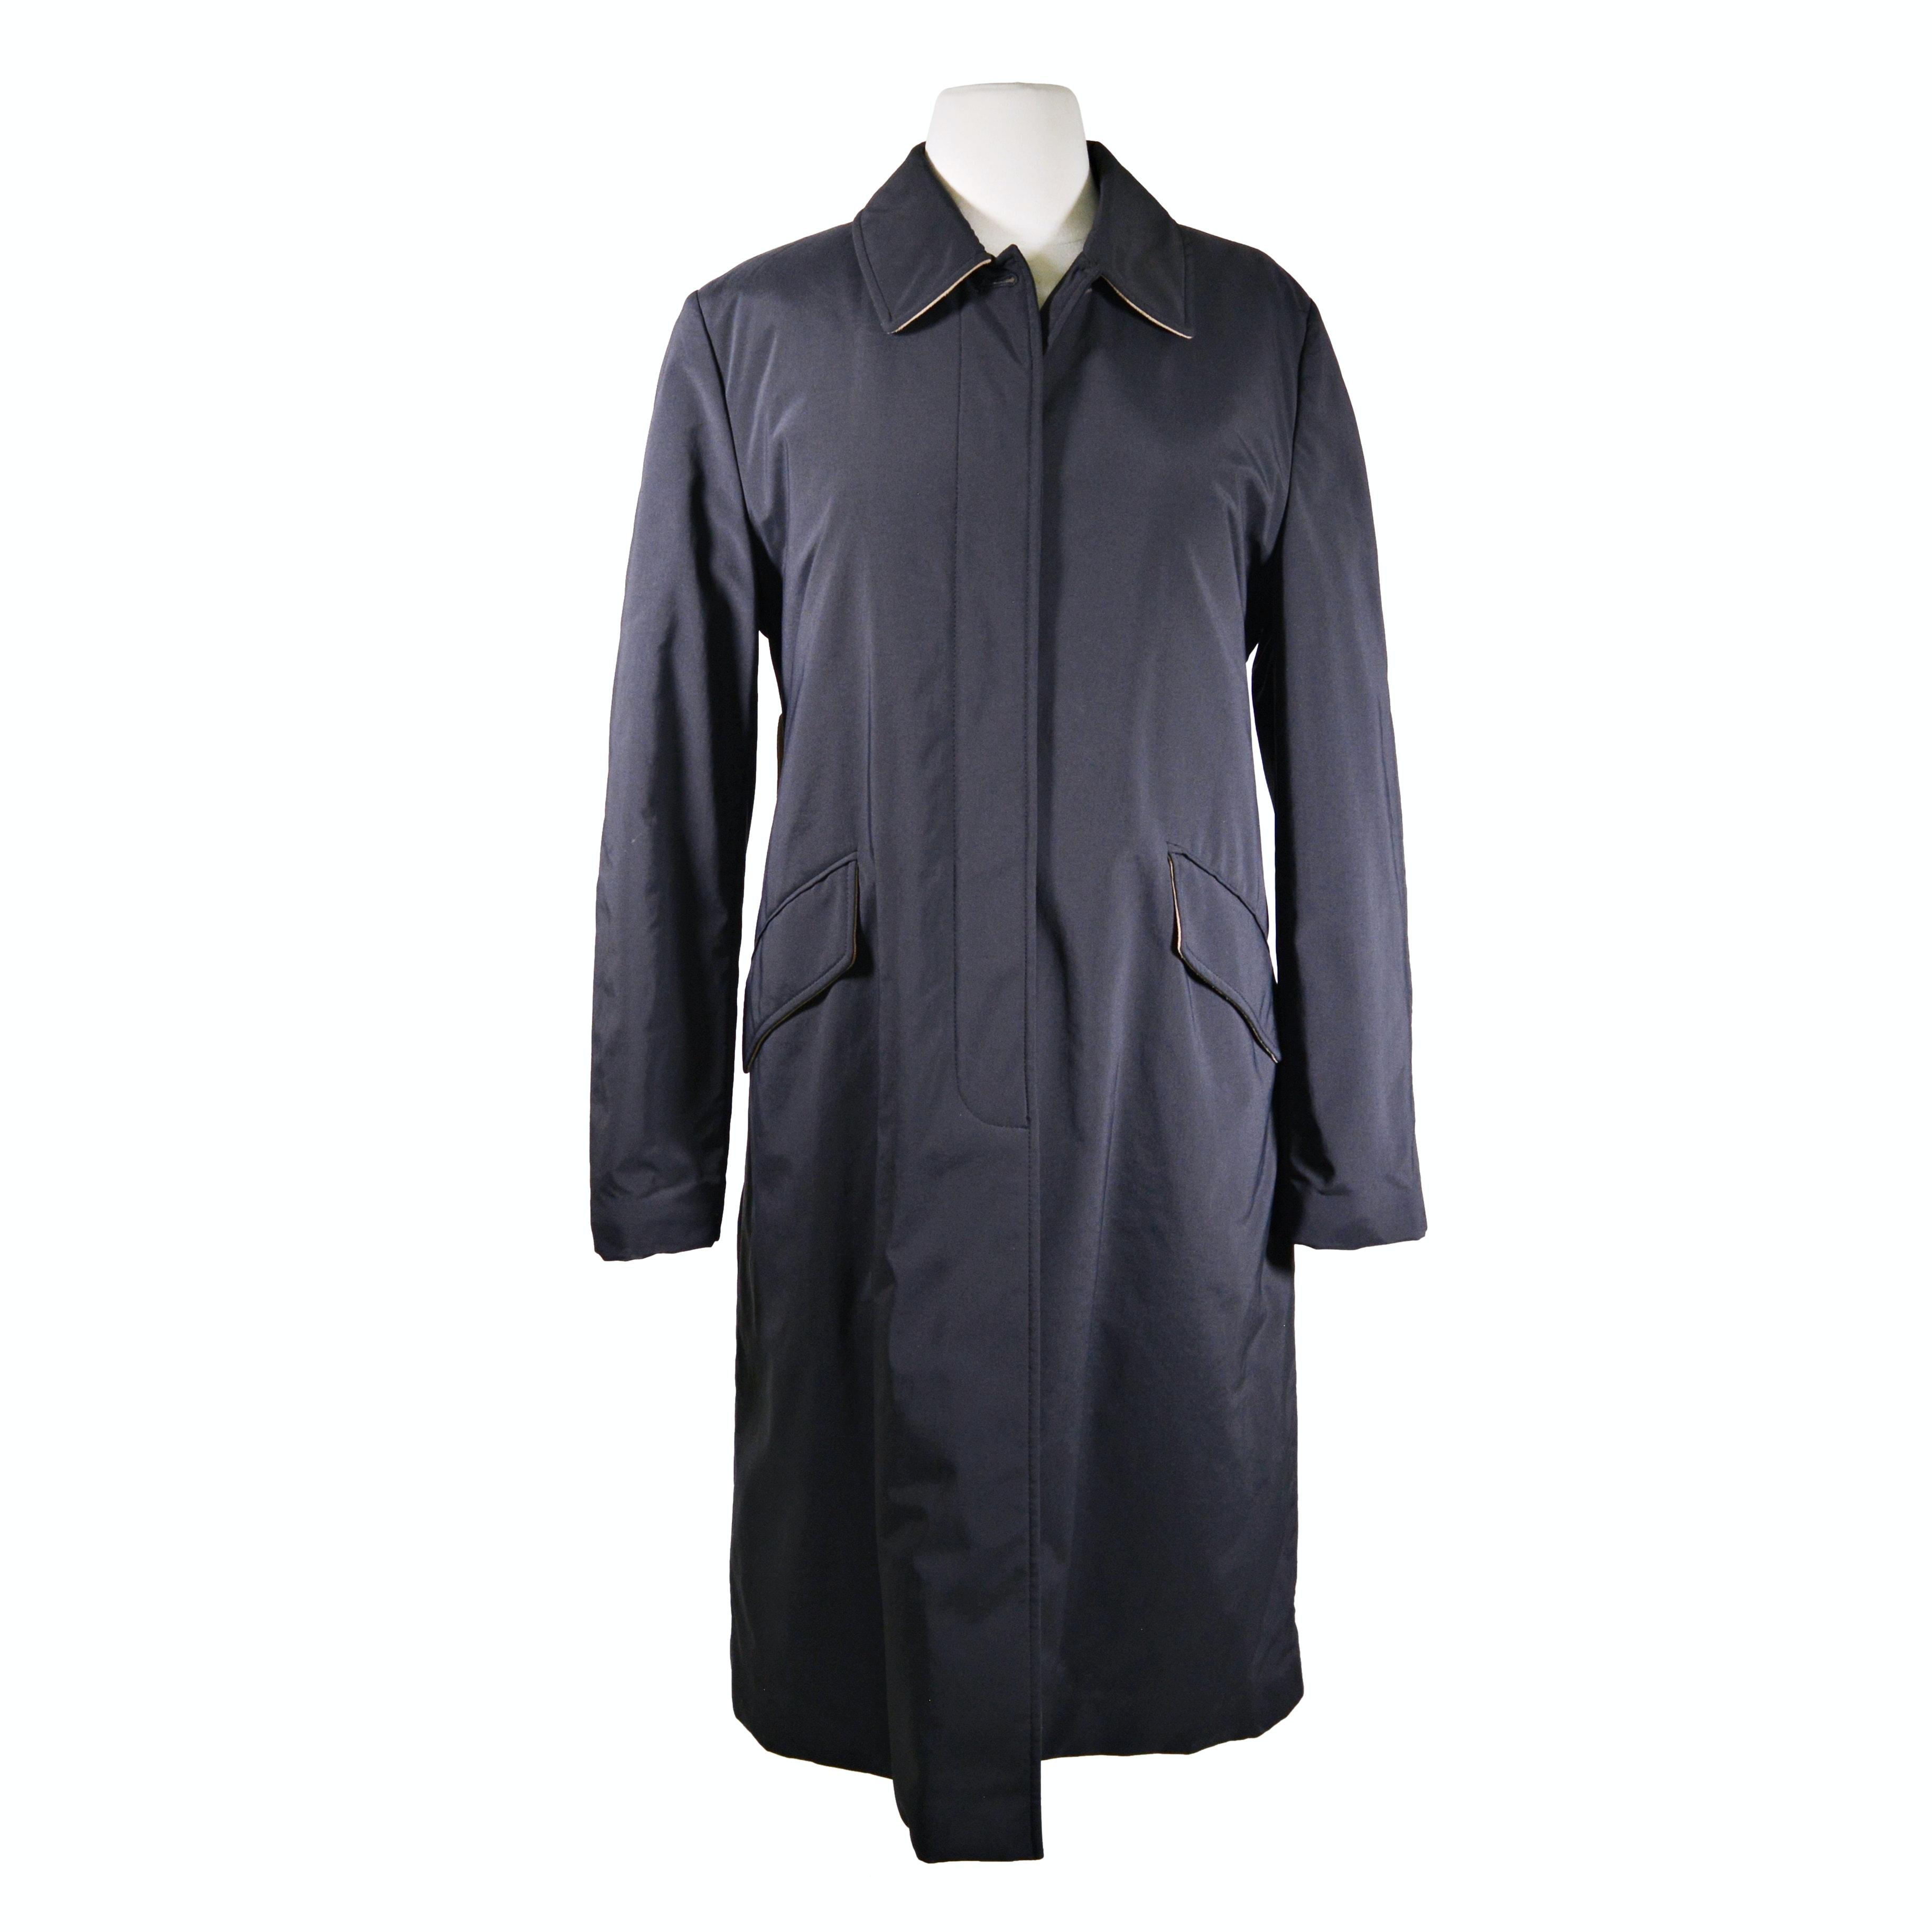 Women's Loro Piana Raincoat, Made in Italy